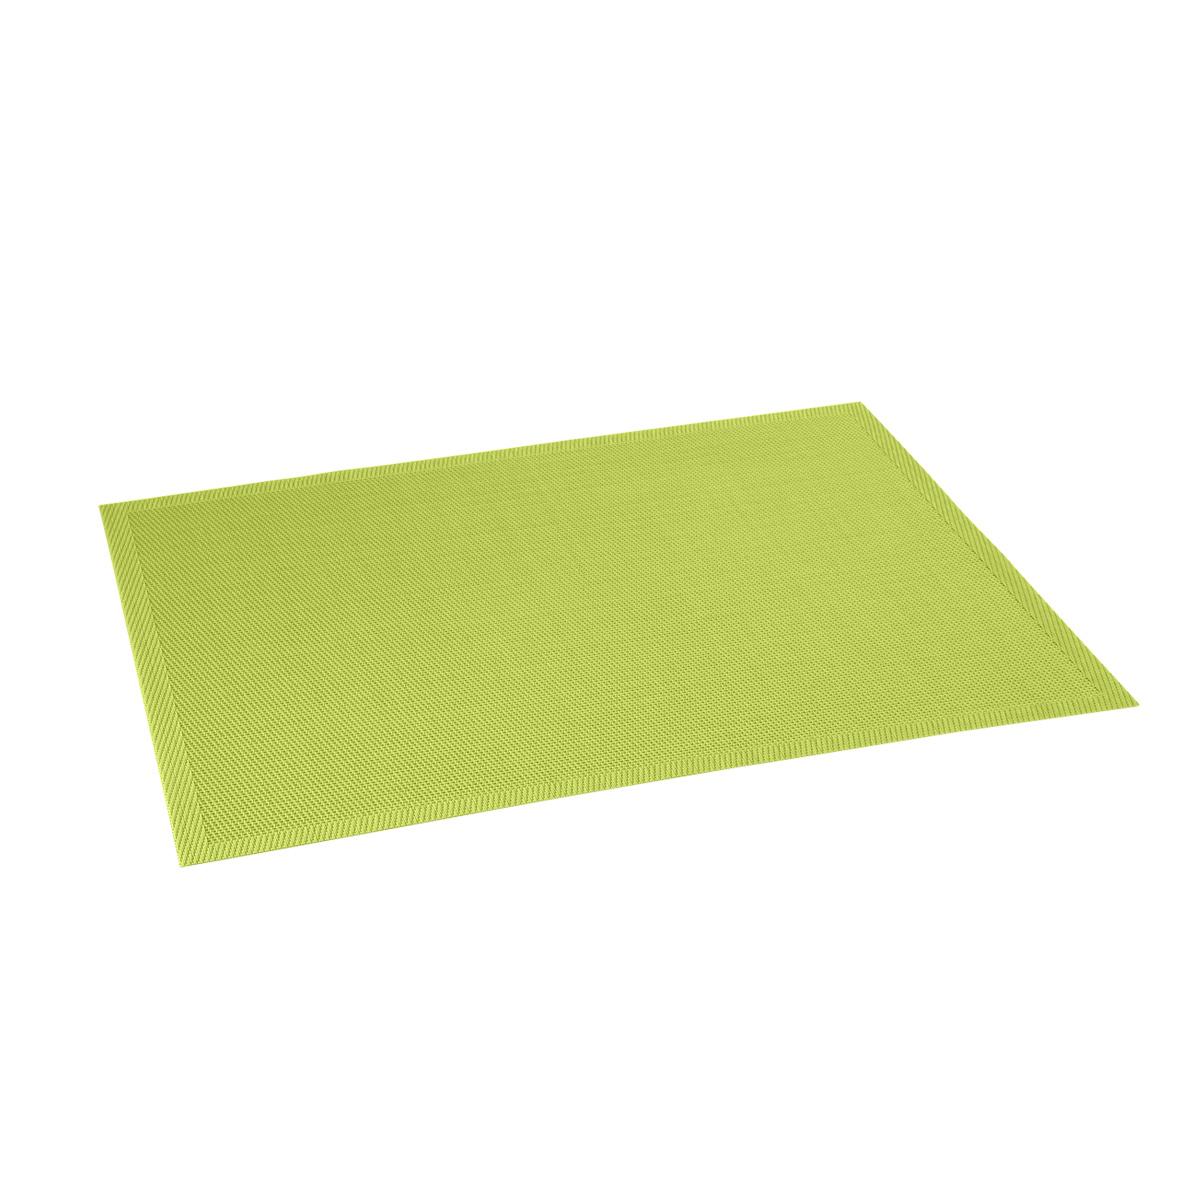 Prostírání FLAIR STYLE 45x32 cm, limetková